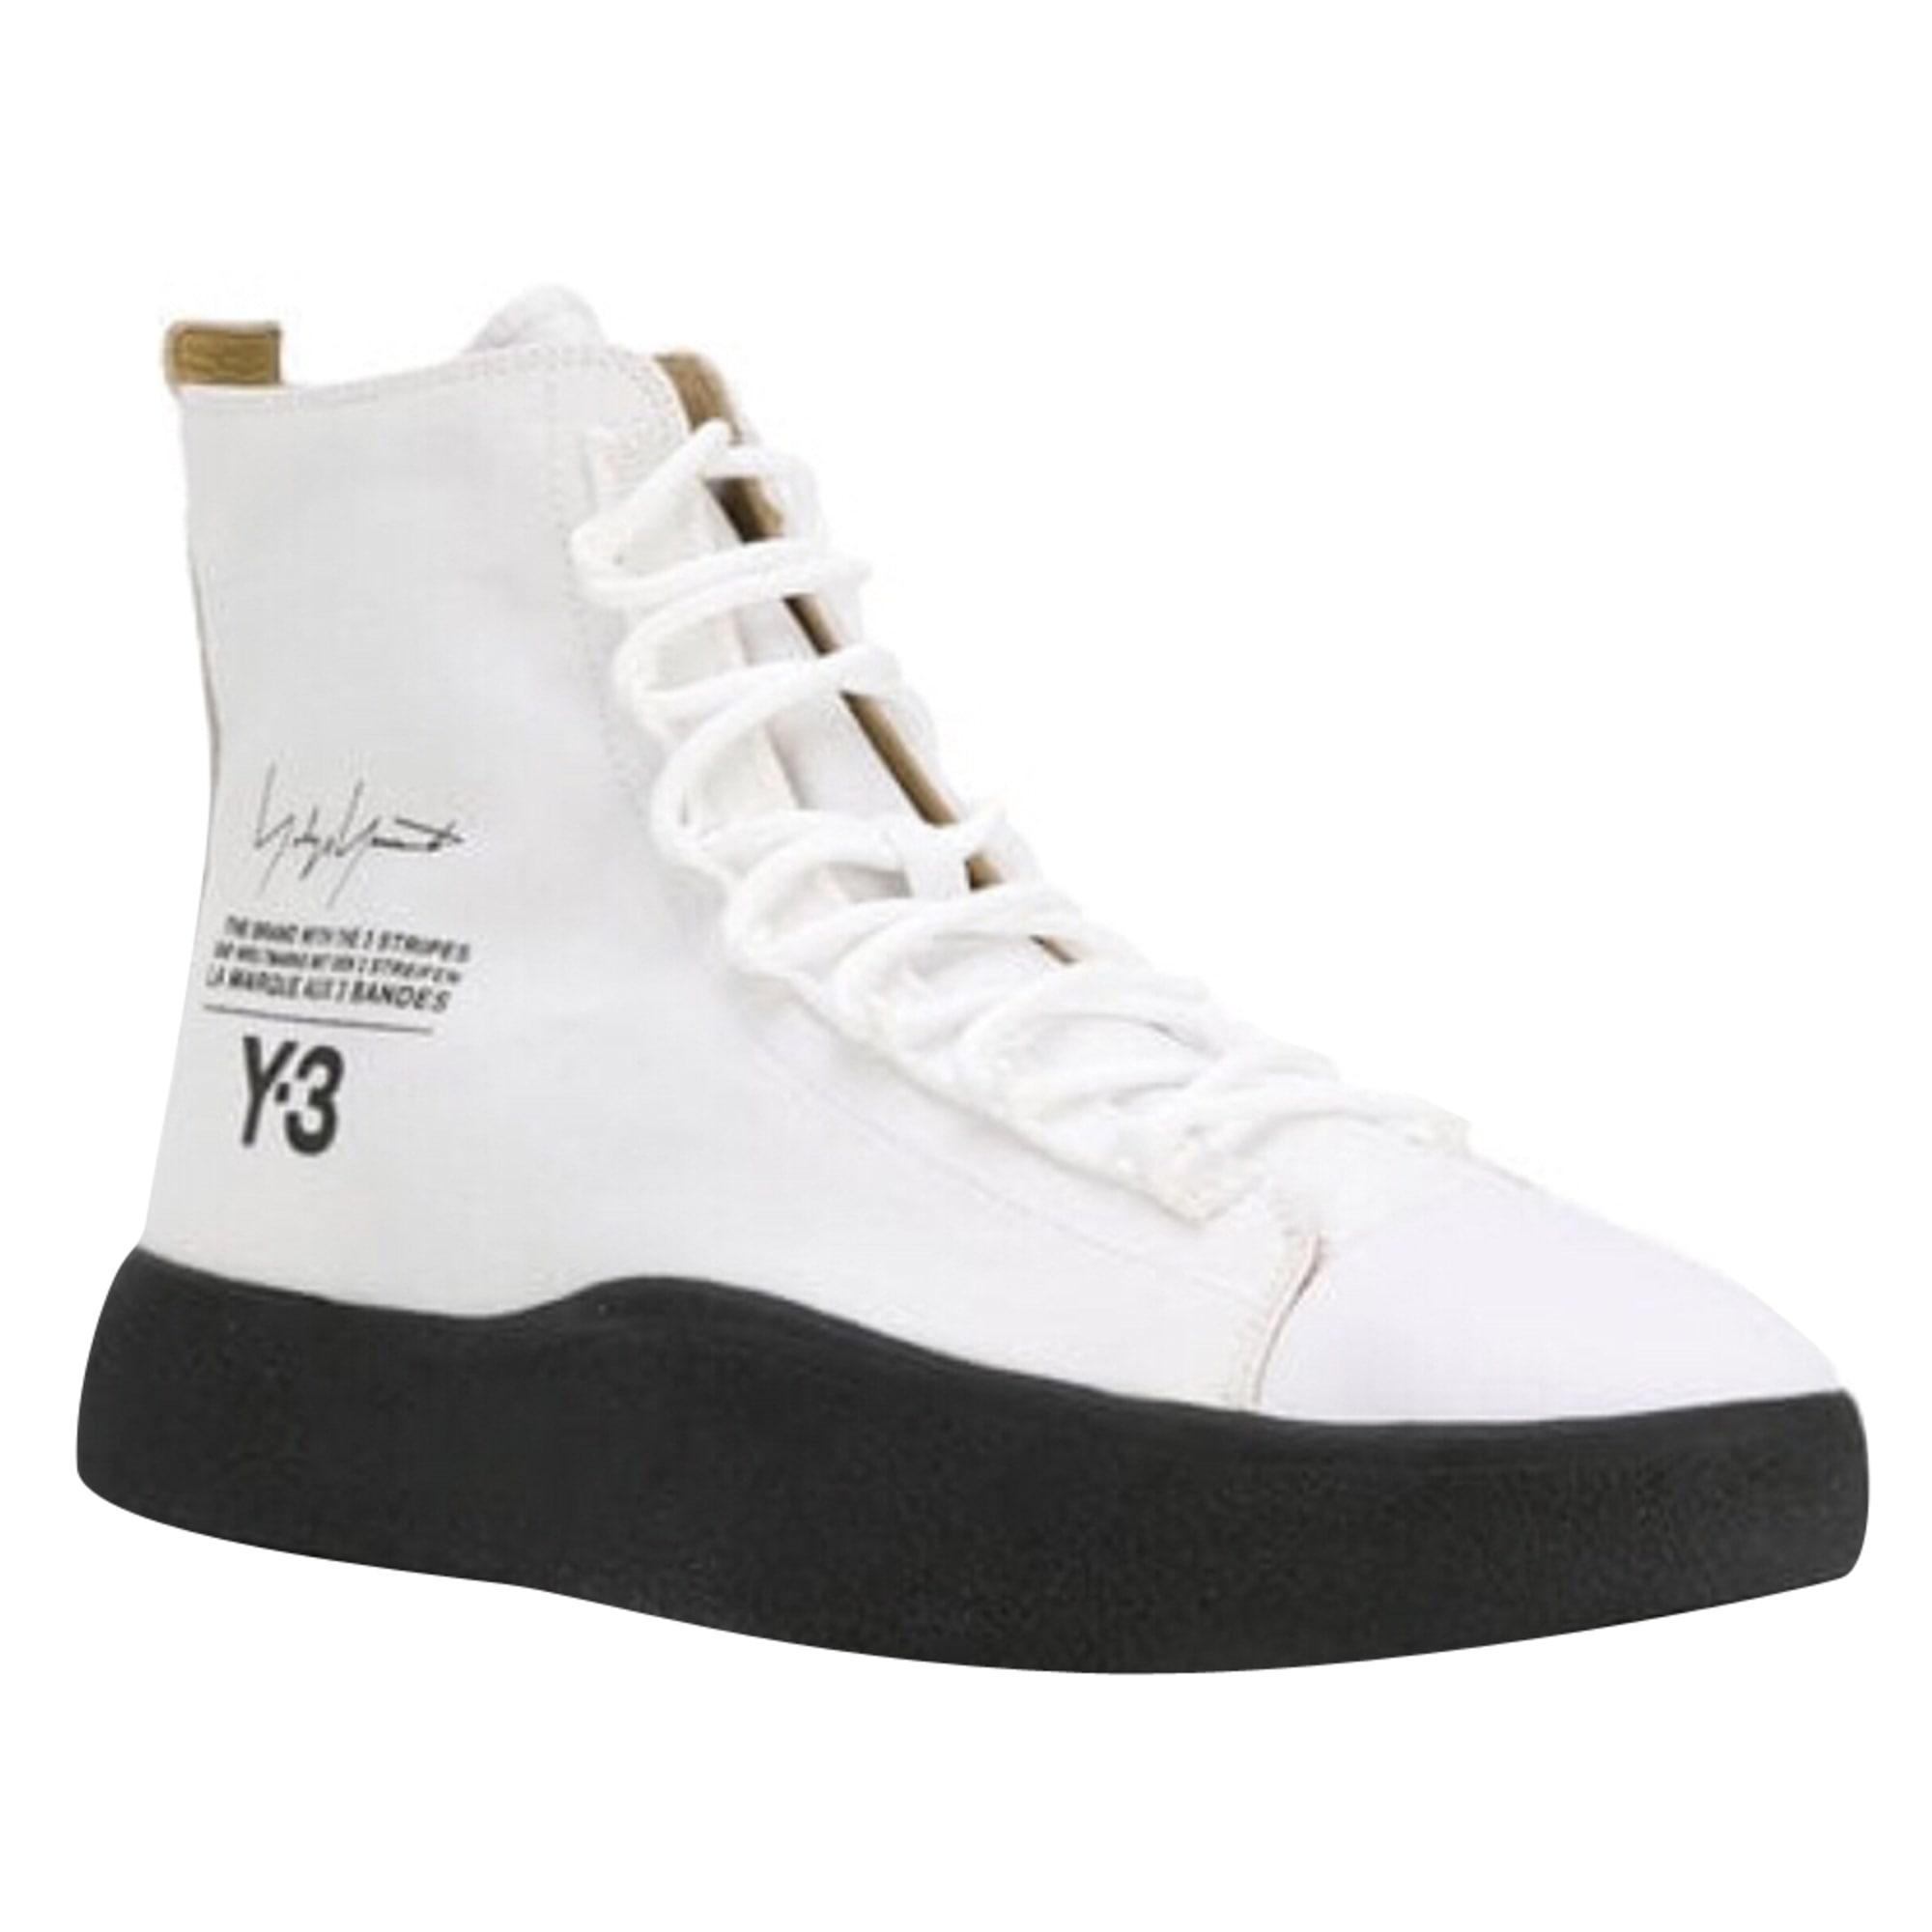 Sneakers Y-3 Weiß, elfenbeinfarben